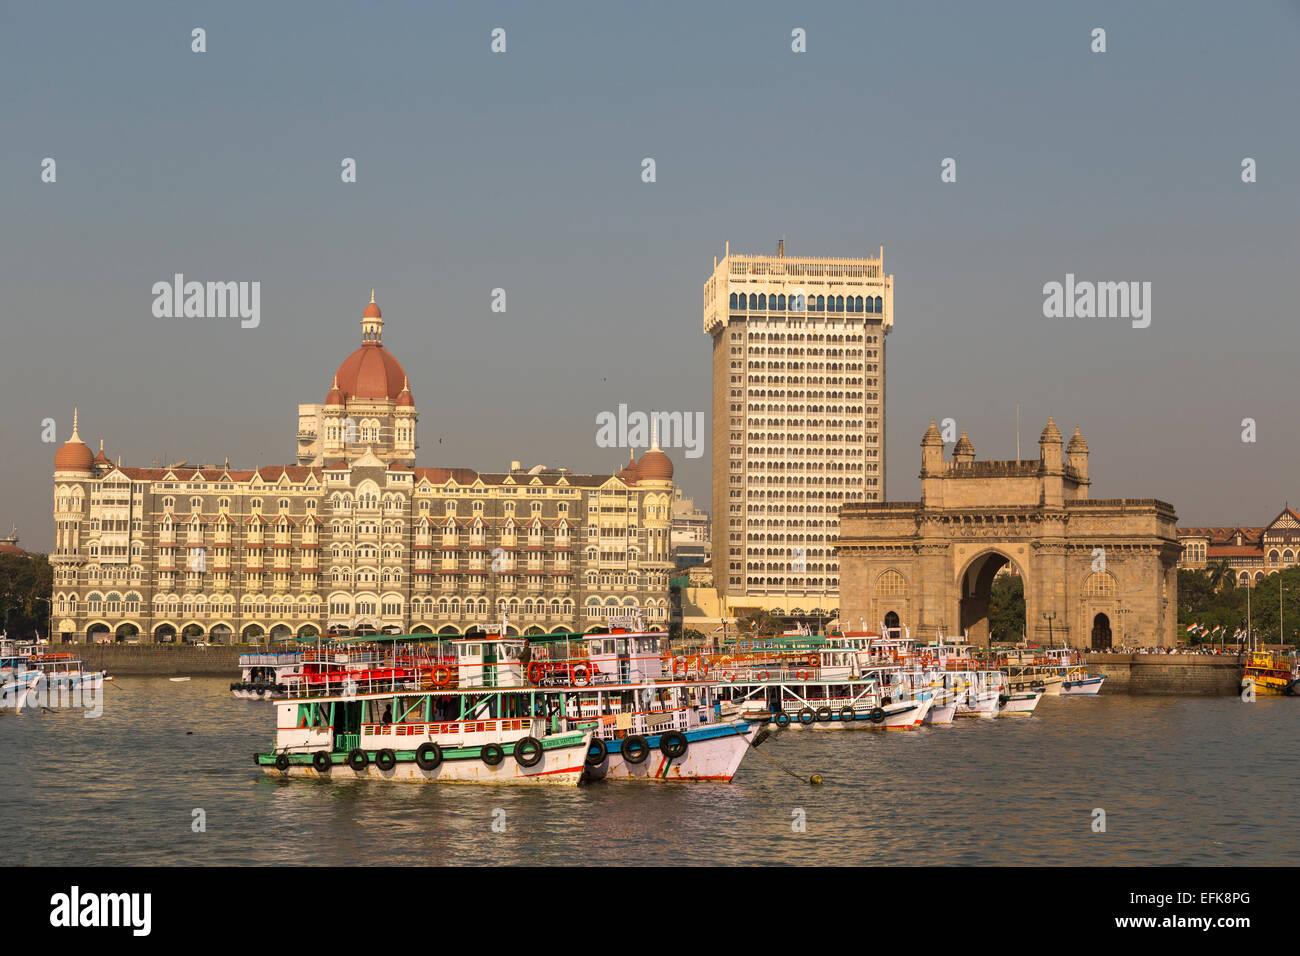 La India, Maharashtra, Mumbai, Colaba district, puerta de la India y el Hotel Taj, temprano en la mañana la Imagen De Stock